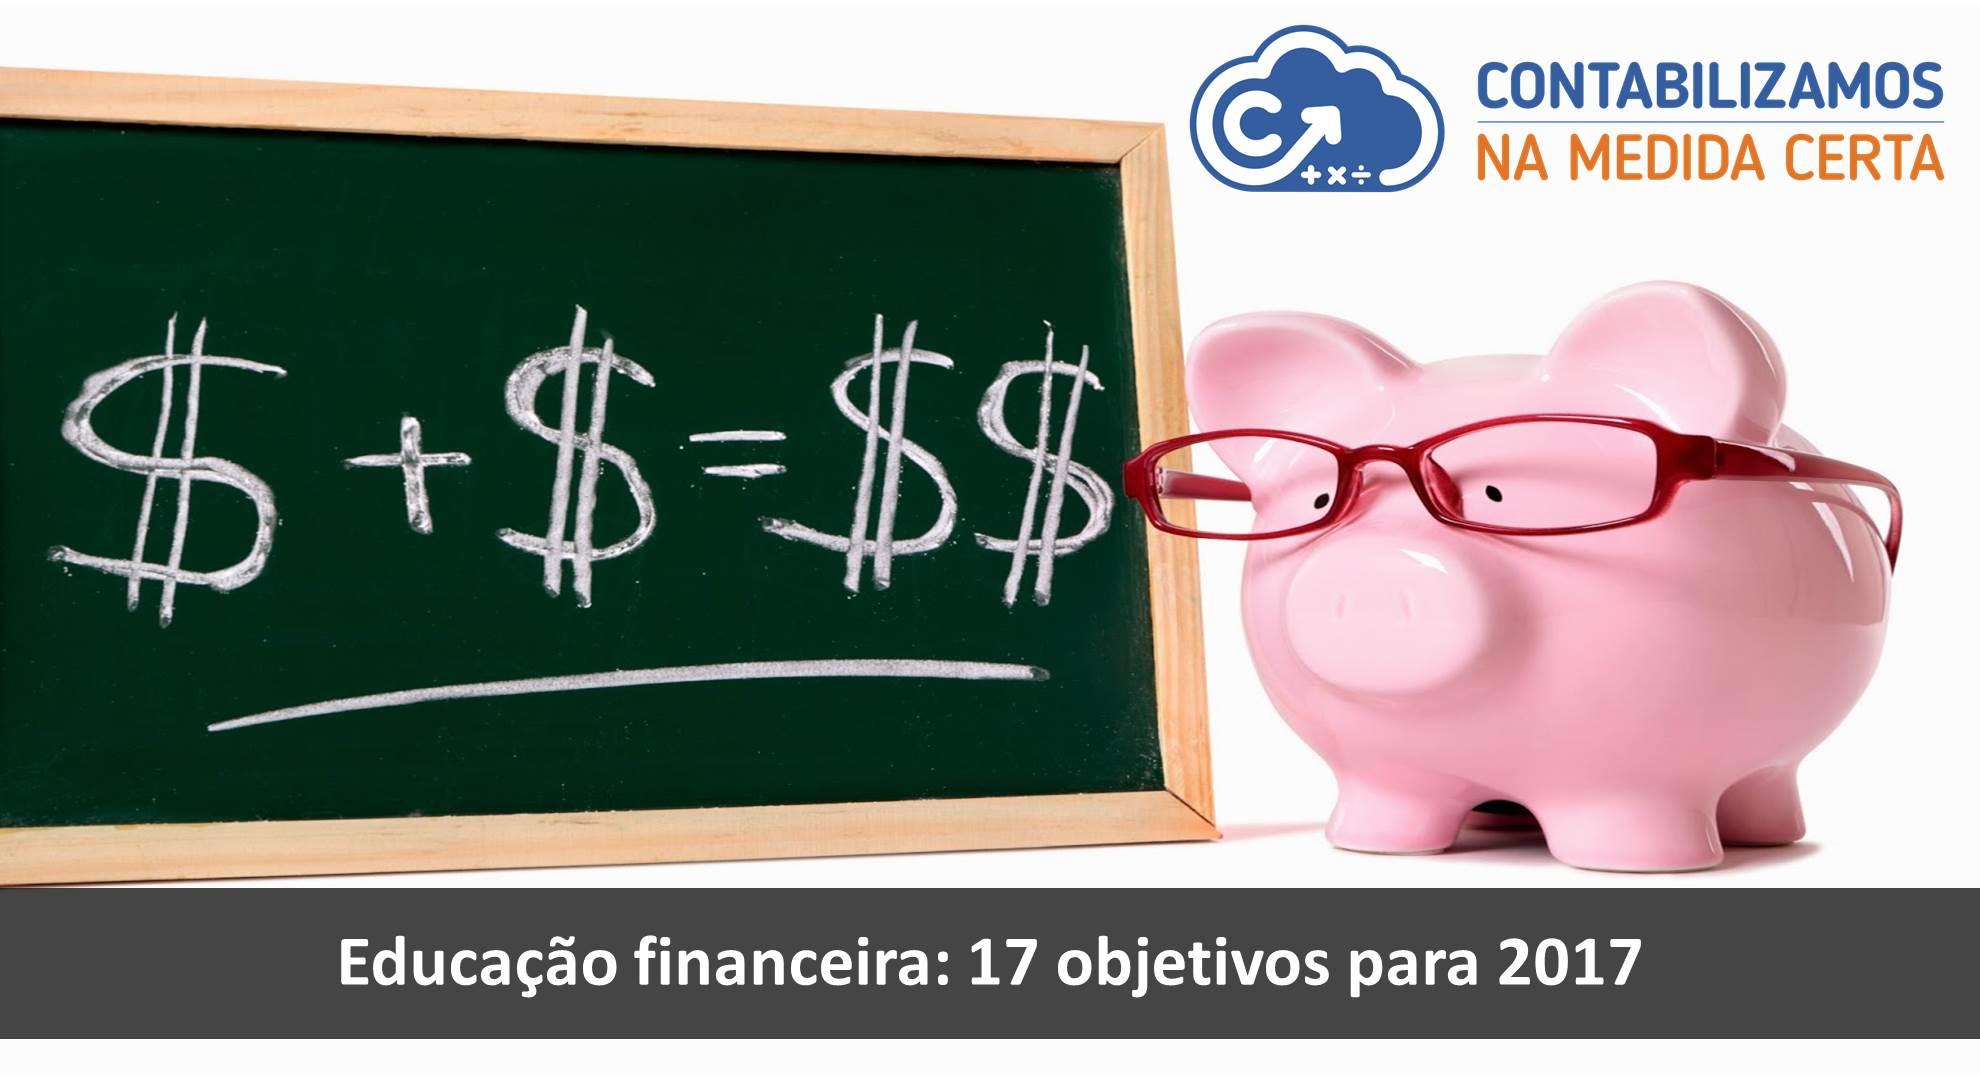 Financeira